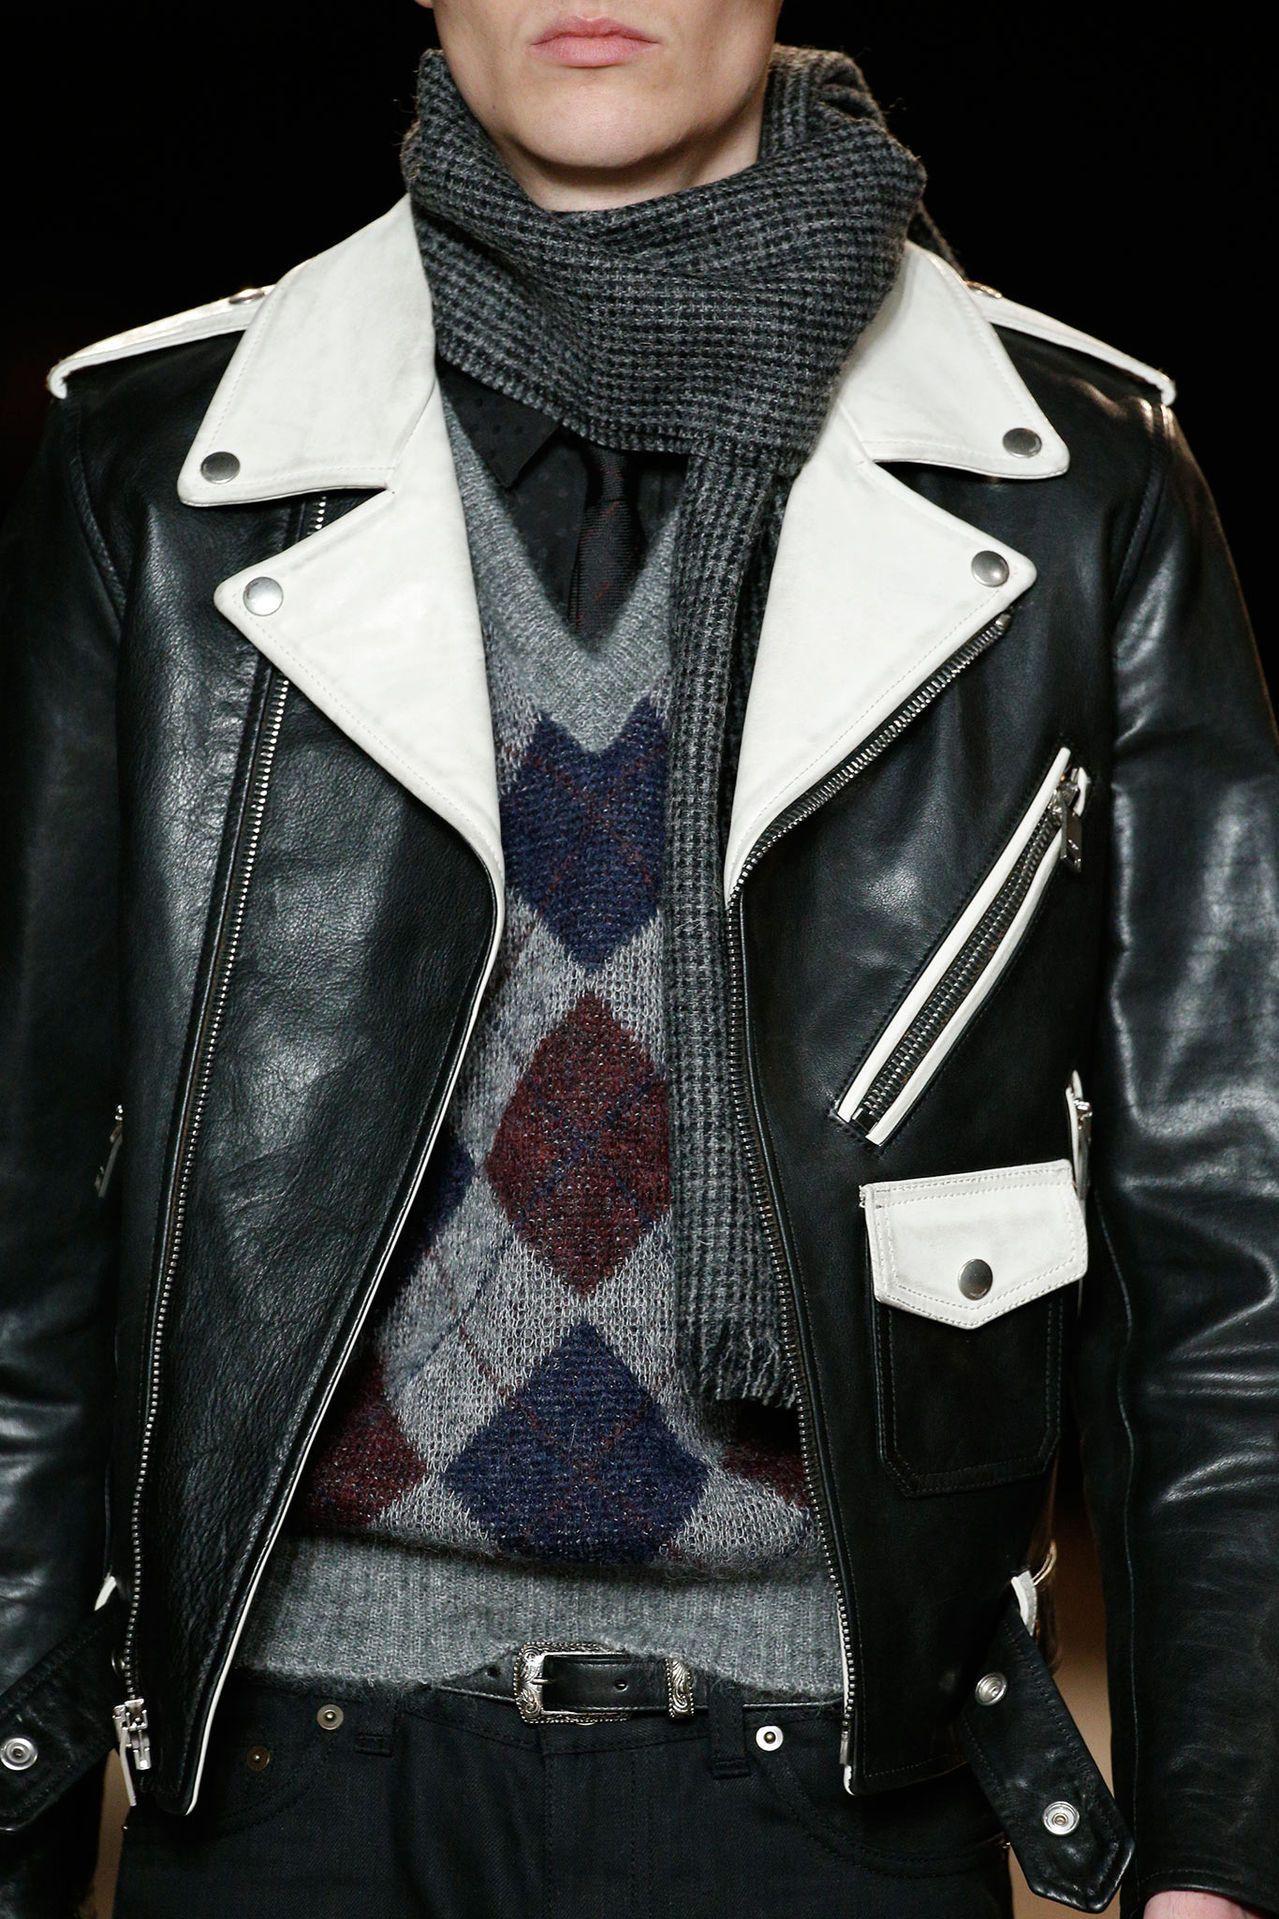 Blogs de moda para profesionales de la moda y fashionistas TOCTOCTOC - Lelook